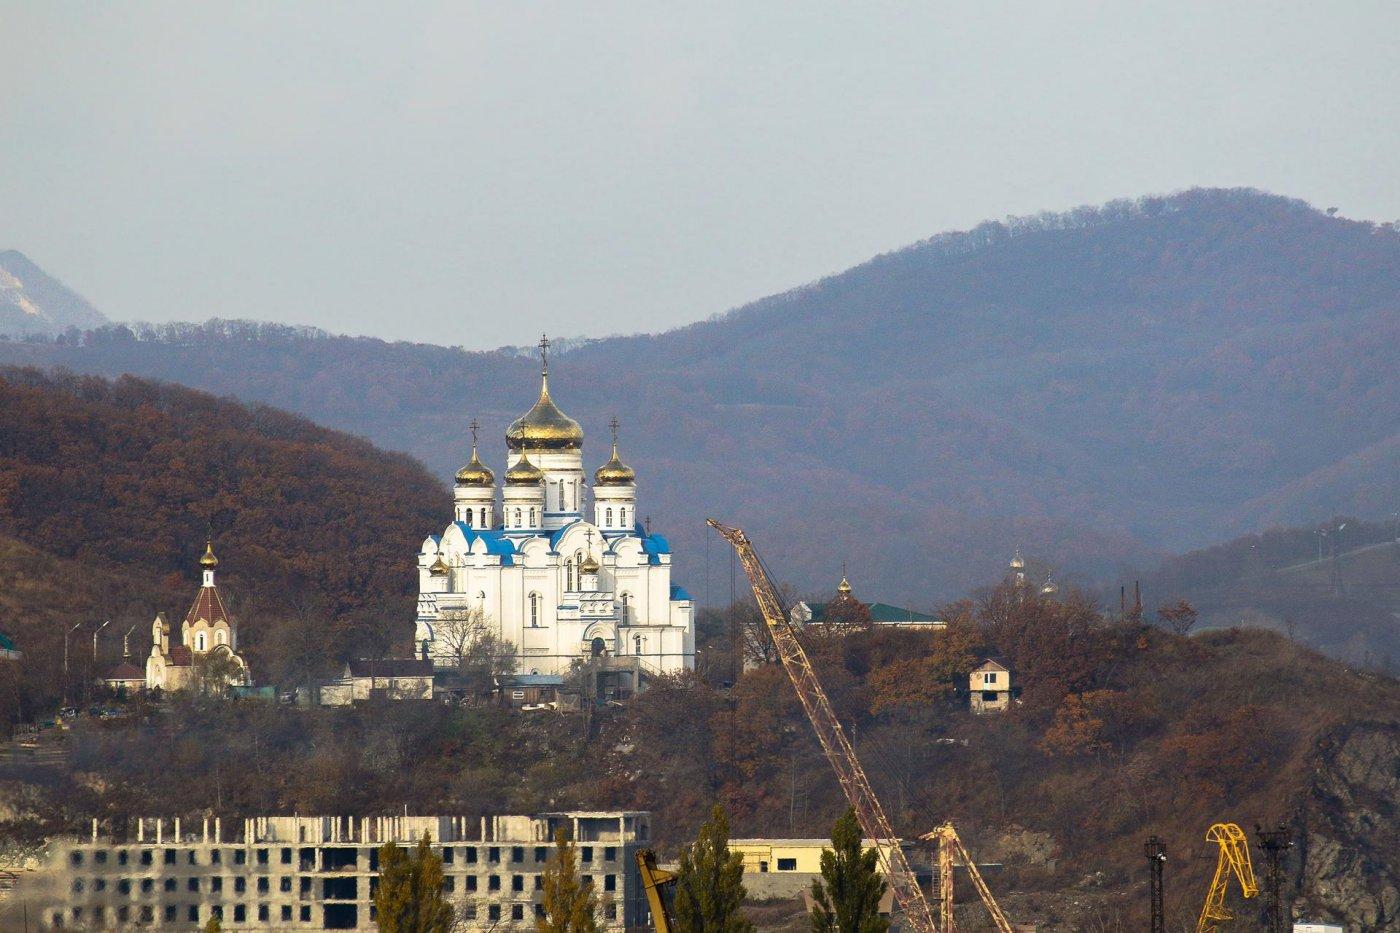 Фото 8686 - копия (Copy).jpg. Россия, Приморский край, город Находка, Unnamed Road